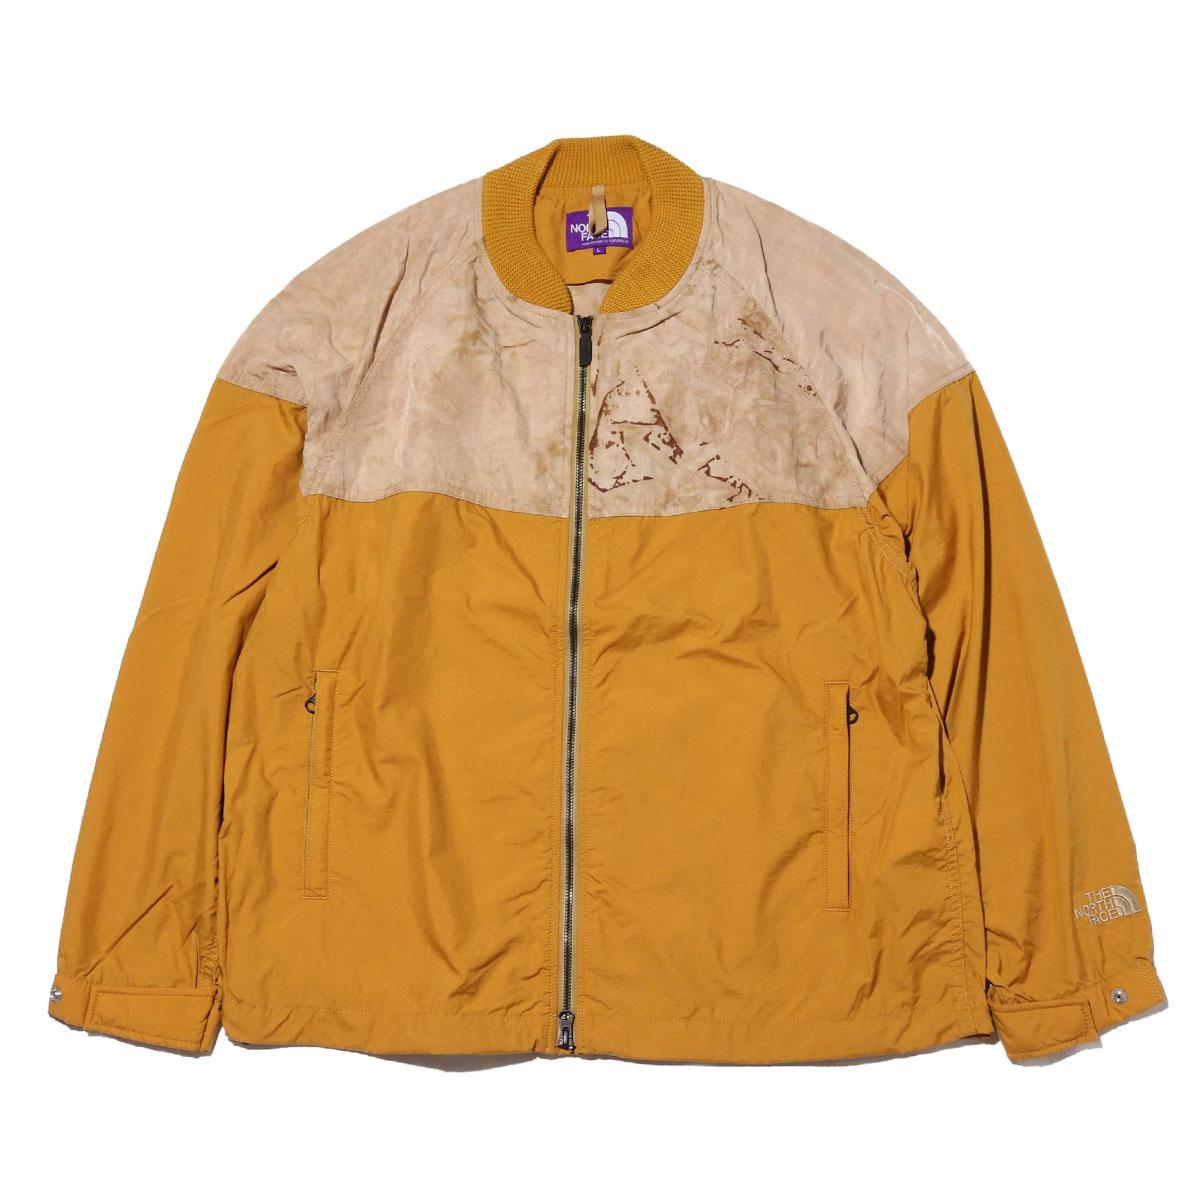 THE NORTH FACE PURPLE LABEL Mountain Field Jacket(MUSTARD)(ザ・ノース・フェイス パープルレーベル マウンテンフィルドジャケット)【メンズ】【ジャケット】【20SS-I】